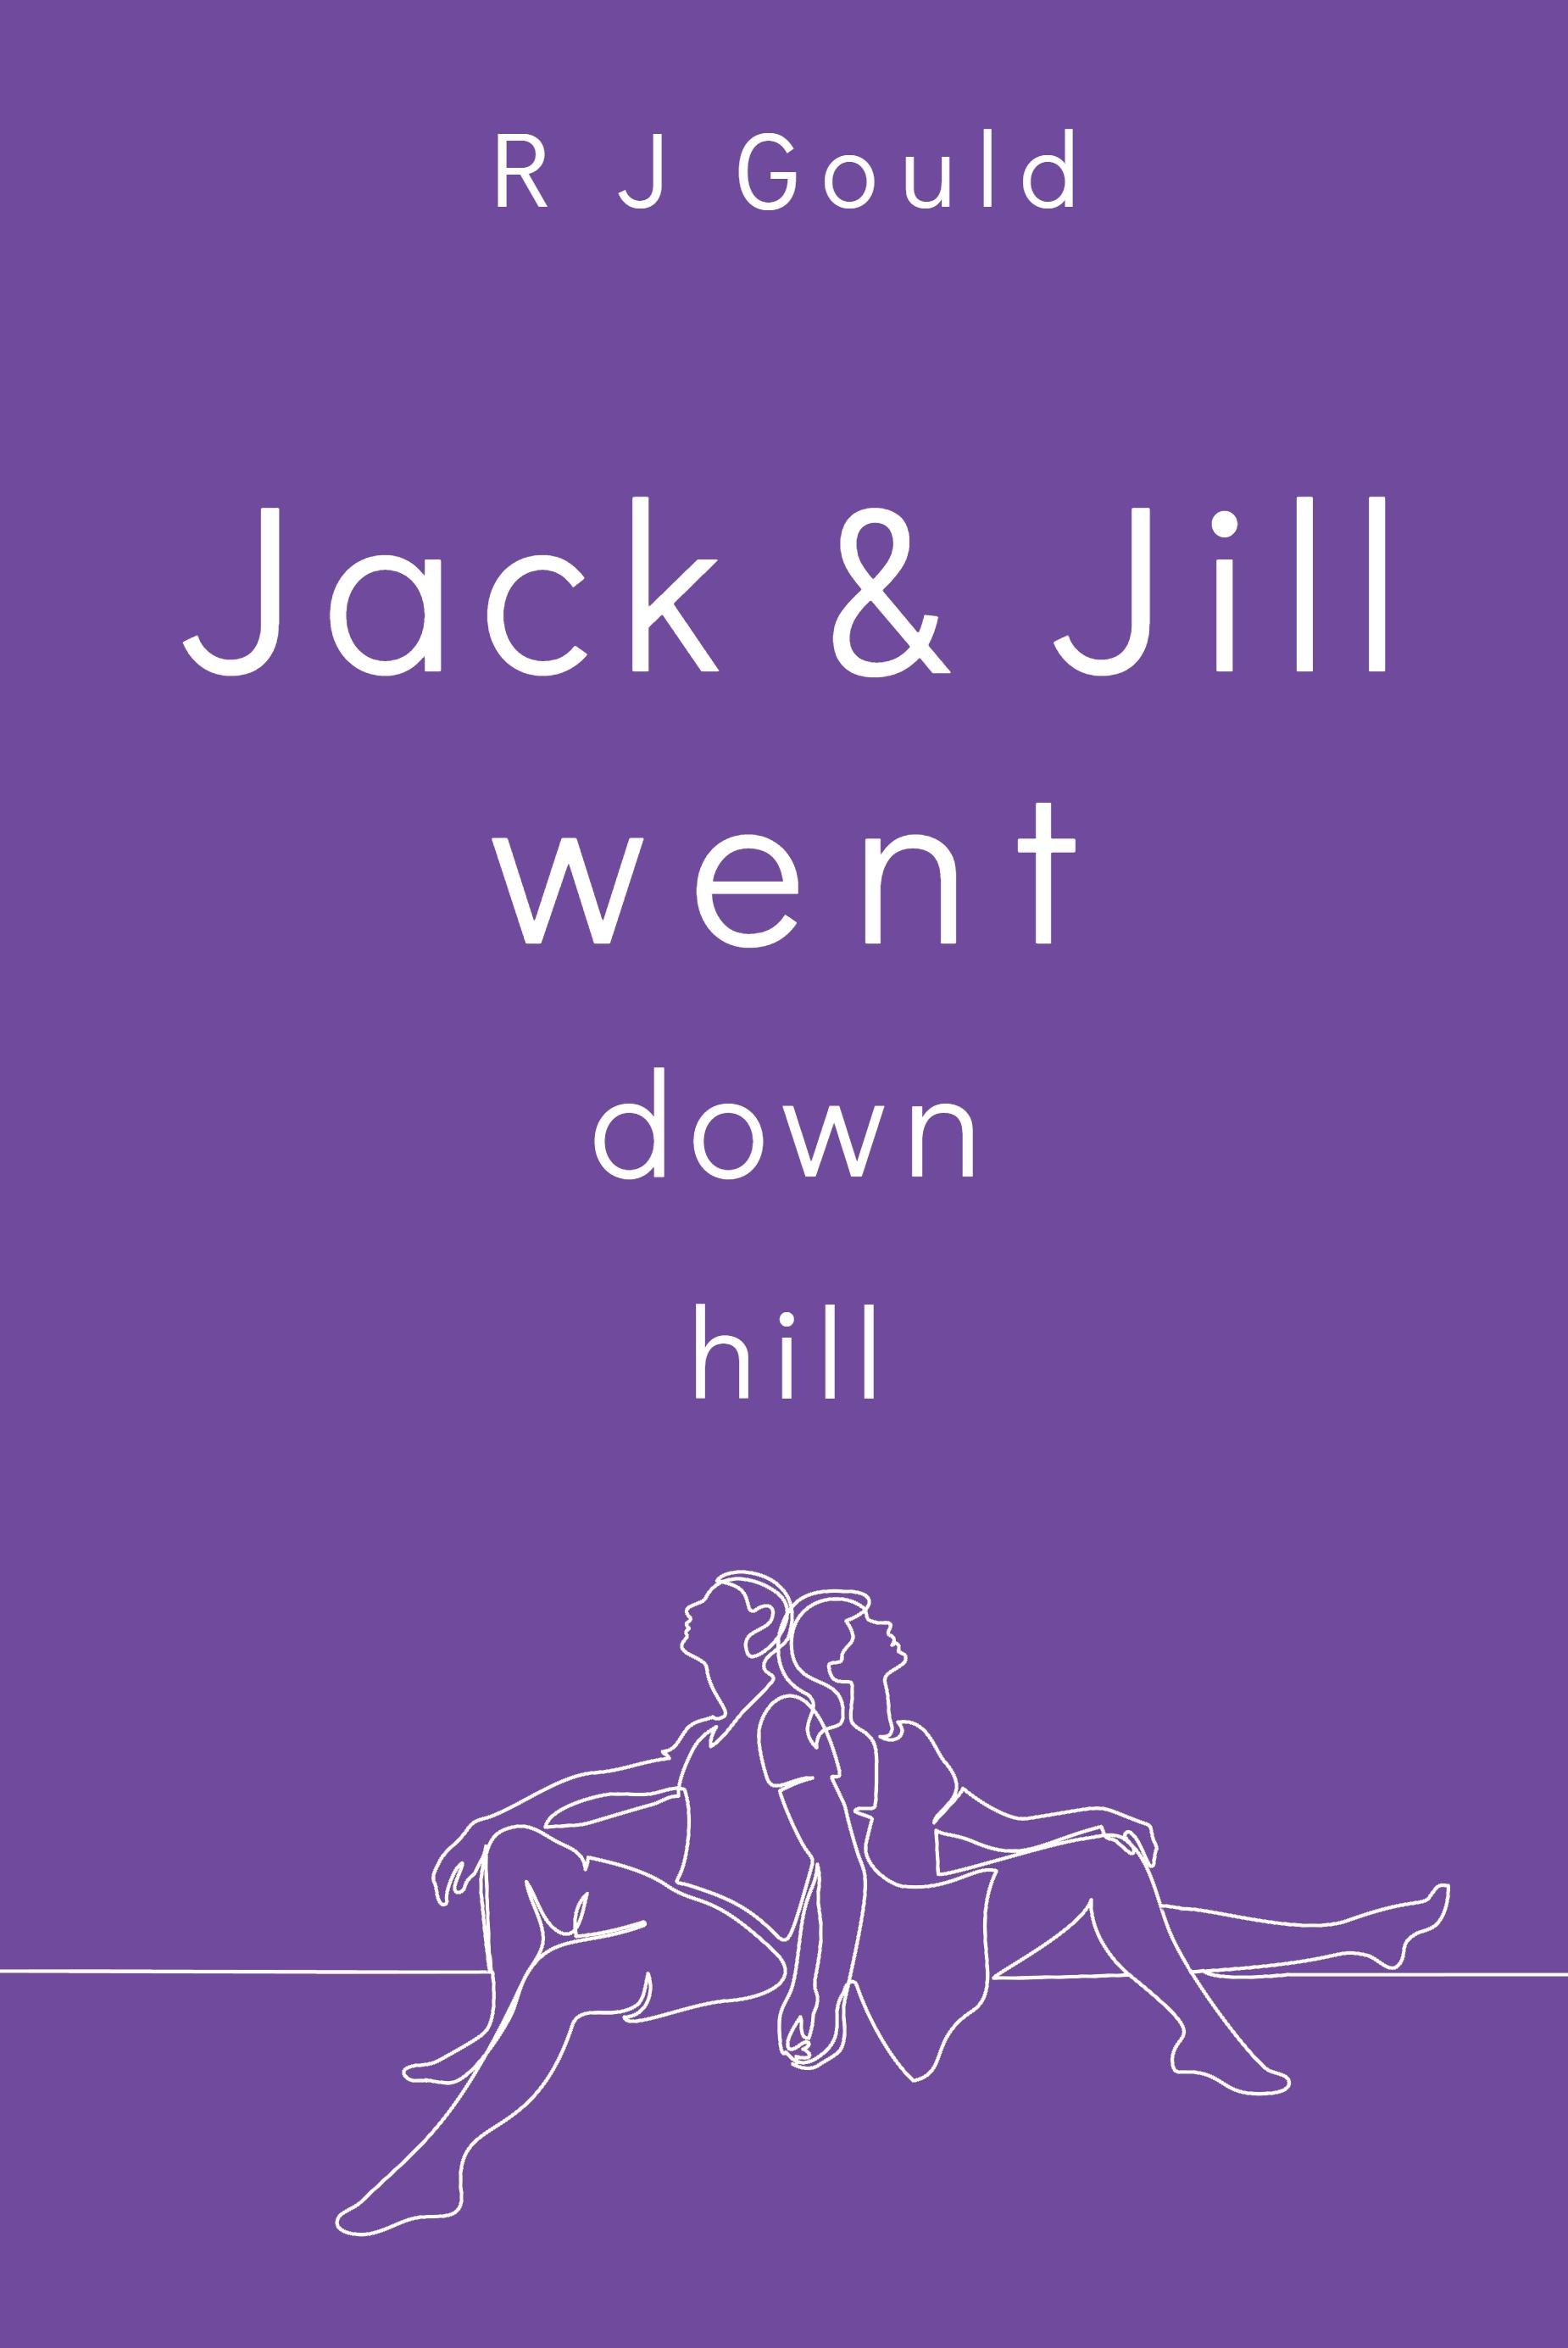 Jack & Jill went Downhill